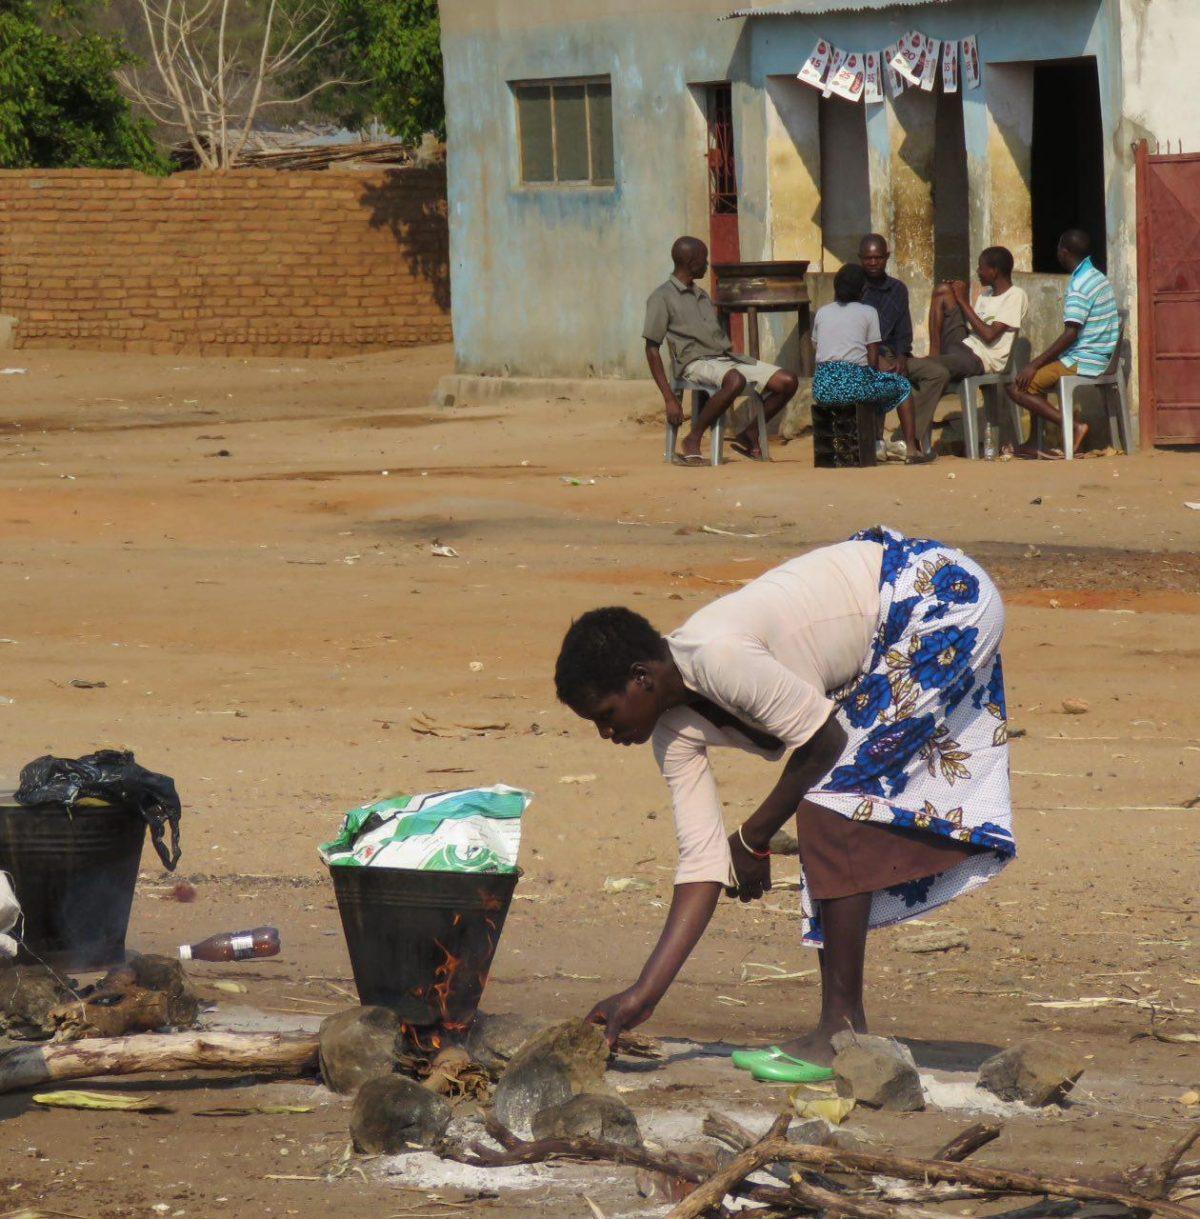 دوستی سوال کرد پس مردهایشان کجایند؟! در آفریقا مردها حضوری پررنگ دارند، منتهی معمولا در سایه! بار زندگی و کار و بچه ها عموما بر دوش زن هاست!